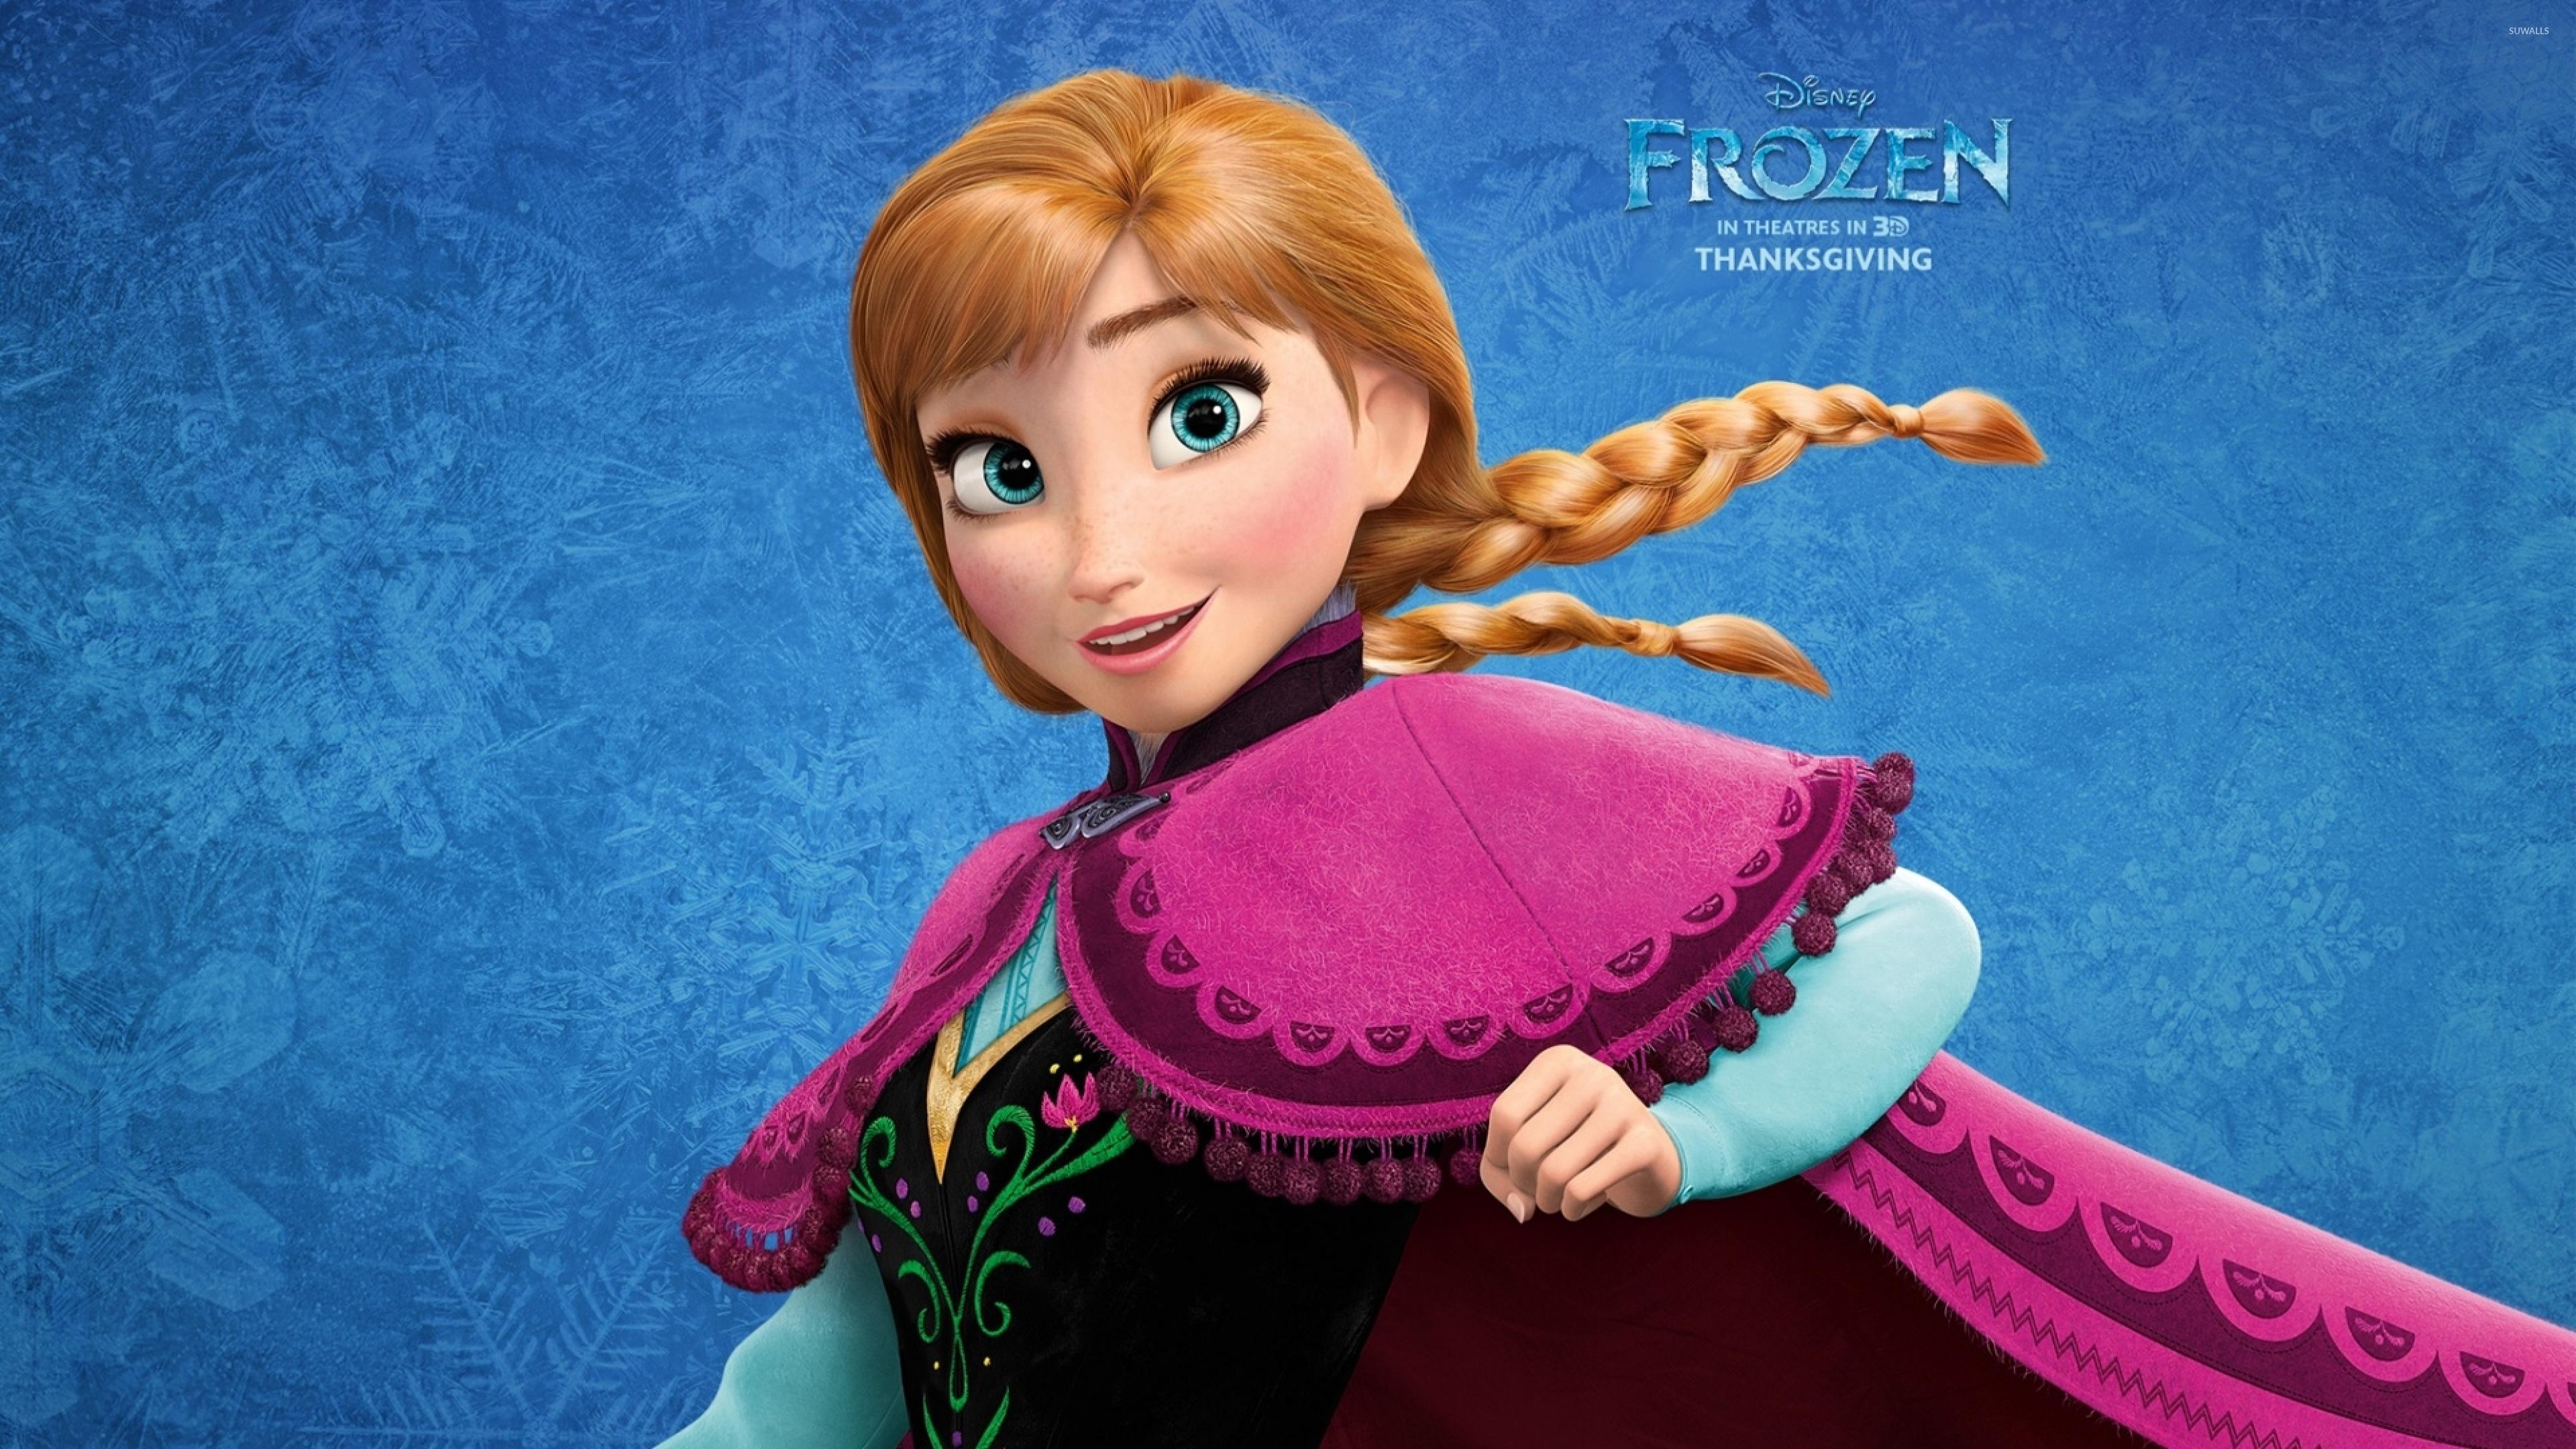 Anna Frozen 5 Wallpaper Cartoon Wallpapers 32659